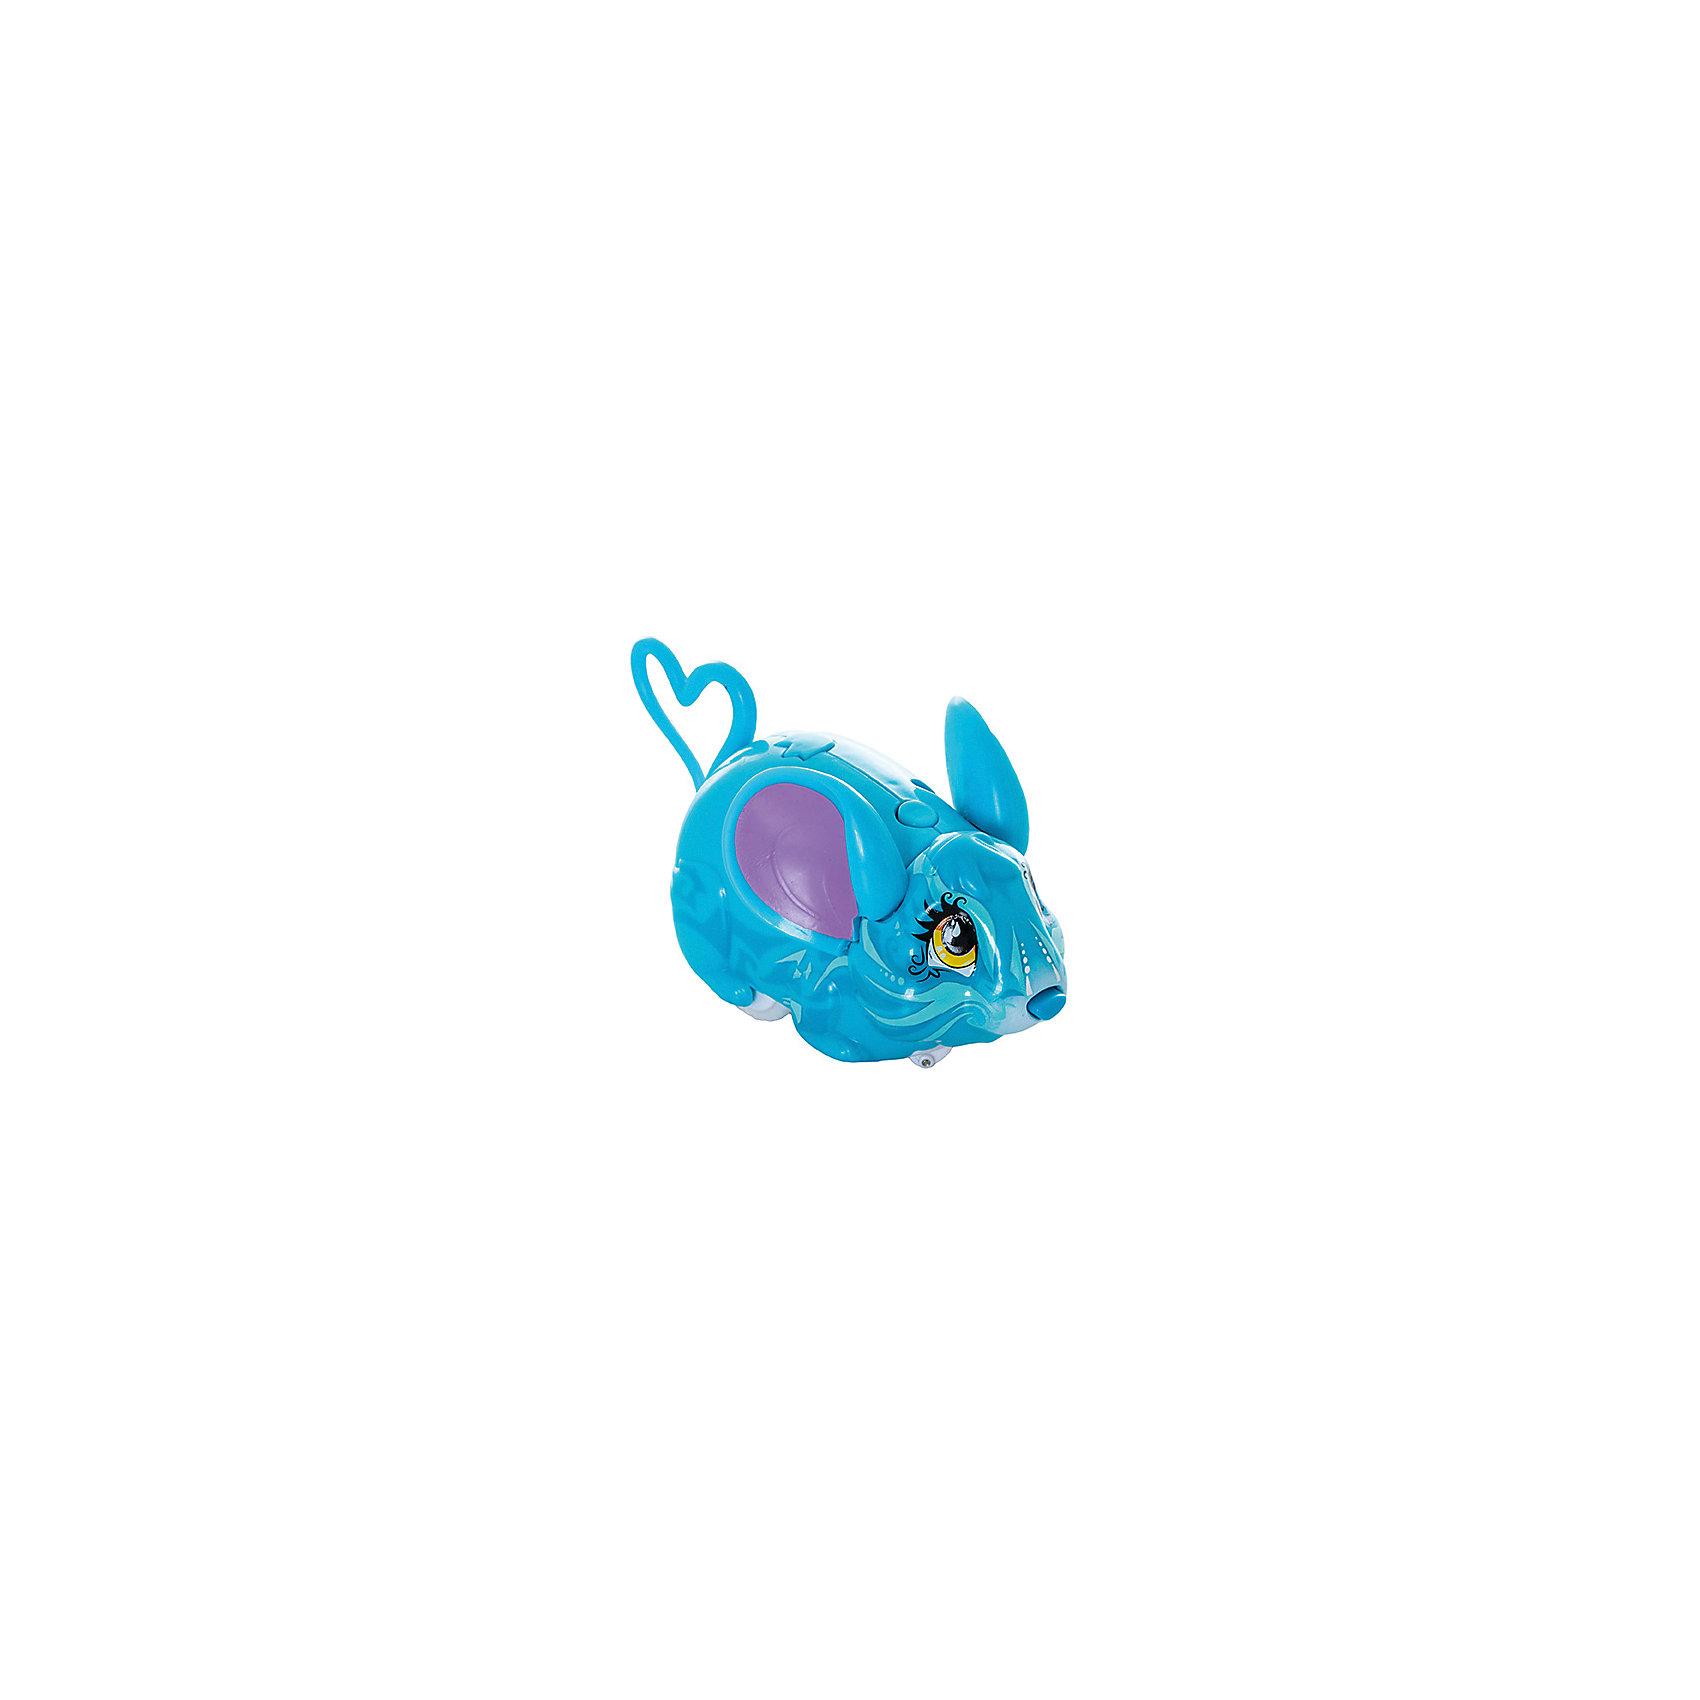 Мышка-циркач Андора, Amazing ZhusЗаводные игрушки<br>Характеристики товара:<br><br>- цвет: голубой;<br>- материал: пластик;<br>- вес : 220 г;<br>- три режима работы;<br>- размер упаковки: 16 x 10 x 7 см;<br>- умеет издавать забавные звуки, изучать пространство.<br><br>Такая игрушка в виде симпатичной мышки поможет ребенку весело проводить время - она умеет издавать забавные звуки и активно изучать пространство, используя нос как радар. Это выглядит очень забавно! <br>Мышка способна помогать всестороннему развитию ребенка: развивать тактильное восприятие, мелкую моторику, воображение, внимание и логику. Изделие произведено из качественных материалов, безопасных для ребенка. Набор станет отличным подарком детям!<br><br>Игрушку Мышка-циркач Андора от бренда Amazing Zhus можно купить в нашем интернет-магазине.<br><br>Ширина мм: 160<br>Глубина мм: 130<br>Высота мм: 70<br>Вес г: 220<br>Возраст от месяцев: 36<br>Возраст до месяцев: 2147483647<br>Пол: Женский<br>Возраст: Детский<br>SKU: 5124481